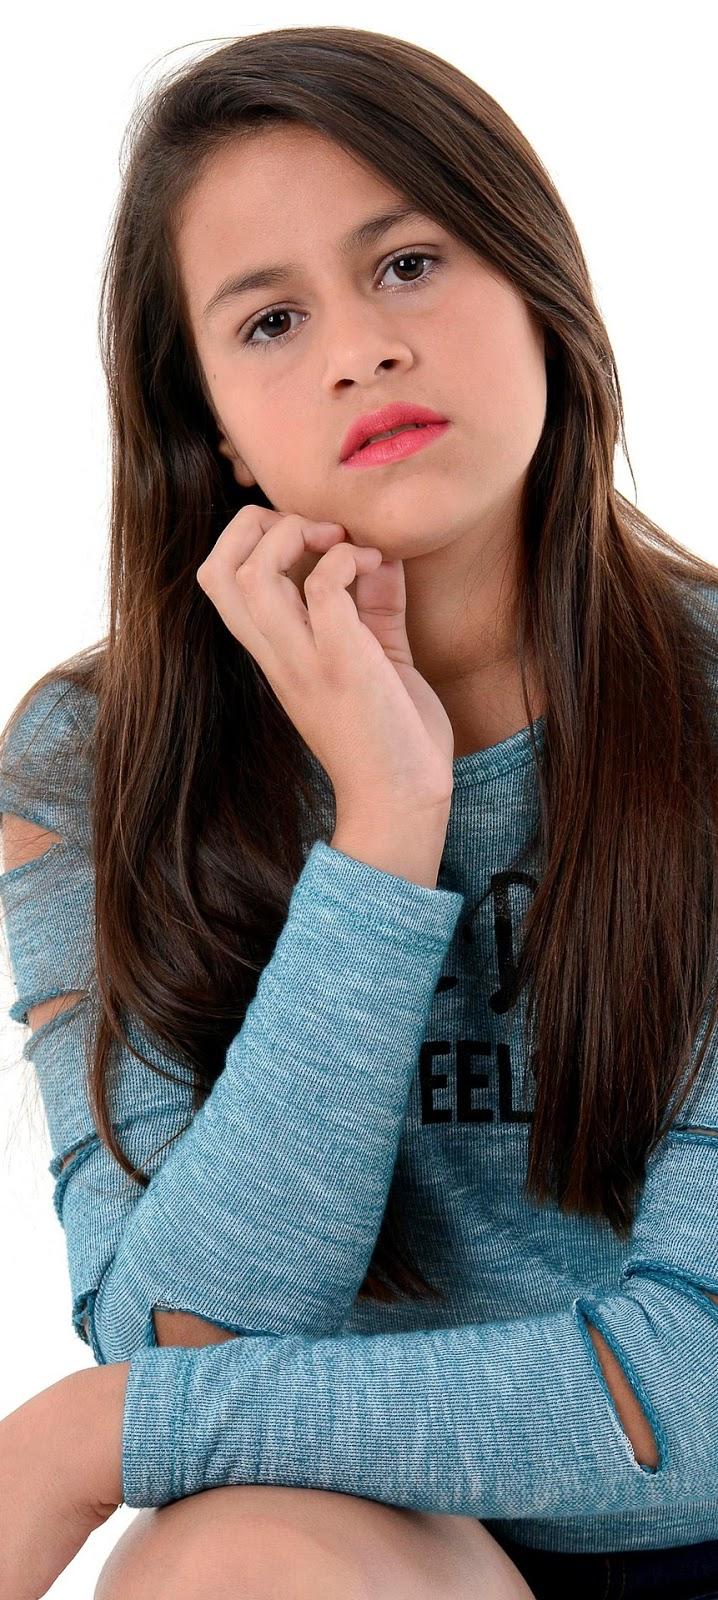 Girl teen.